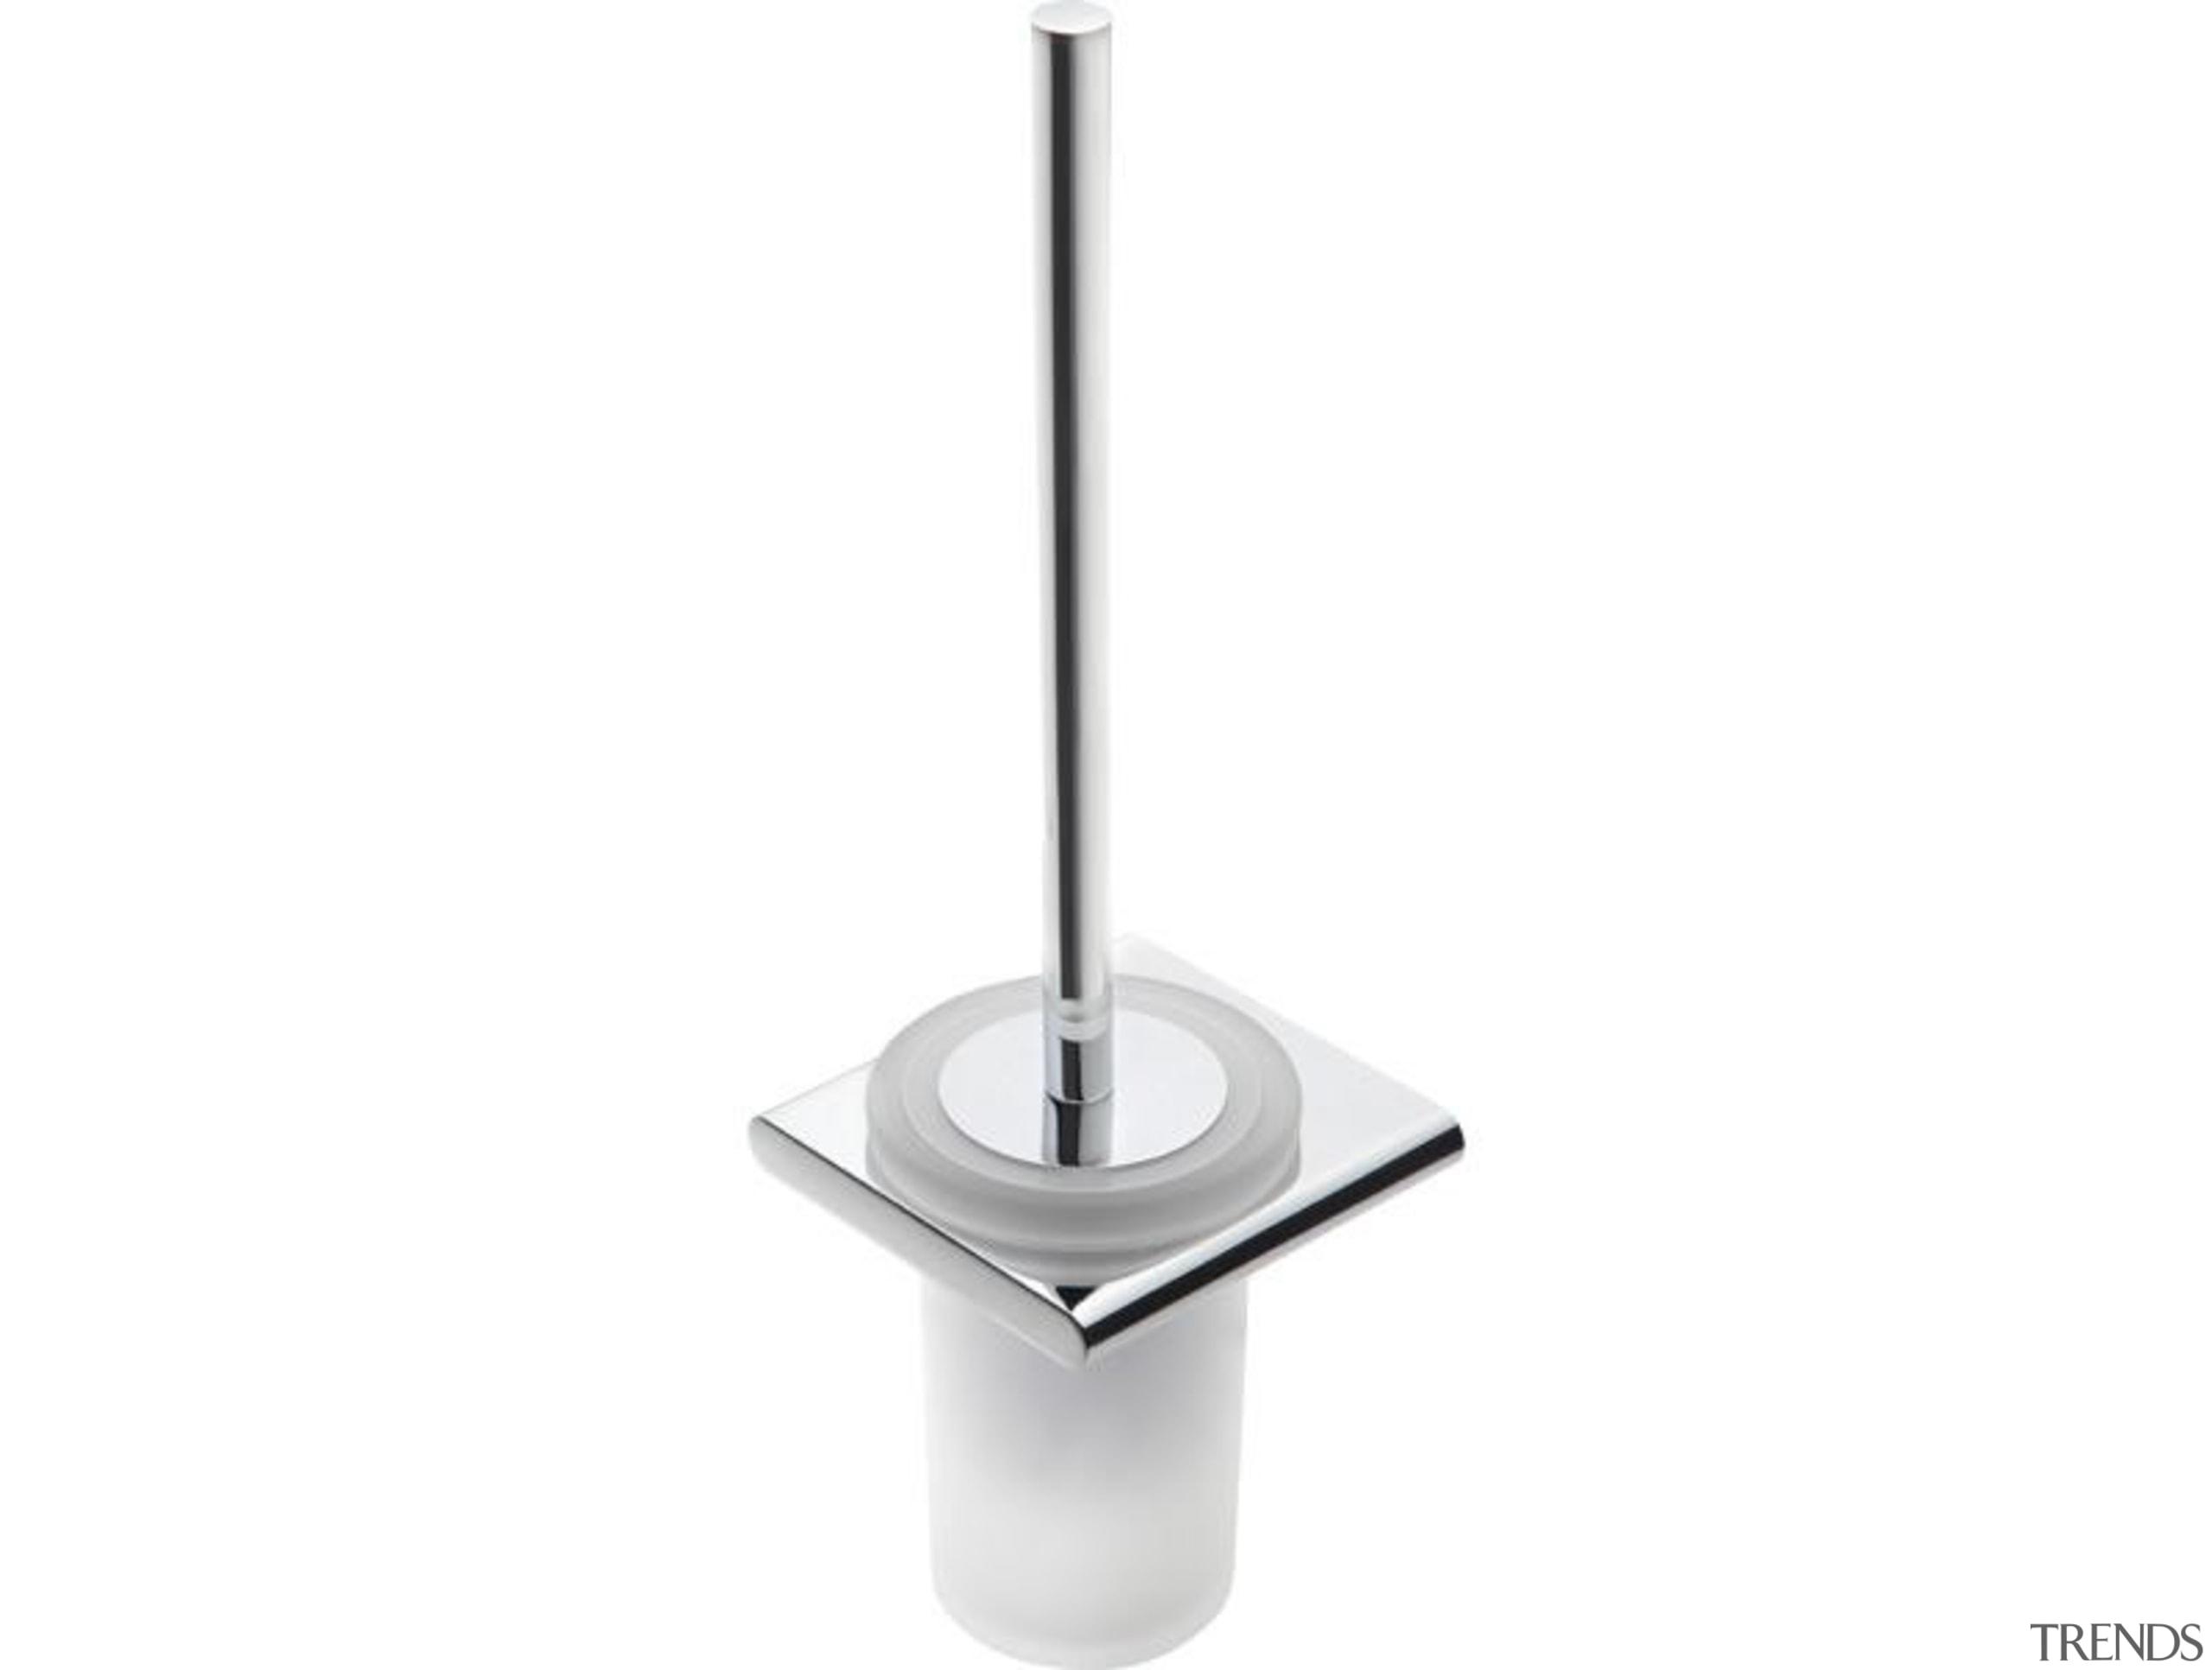 lbrush resi.jpg - lbrush_resi.jpg - bathroom accessory | bathroom accessory, hardware, product design, white